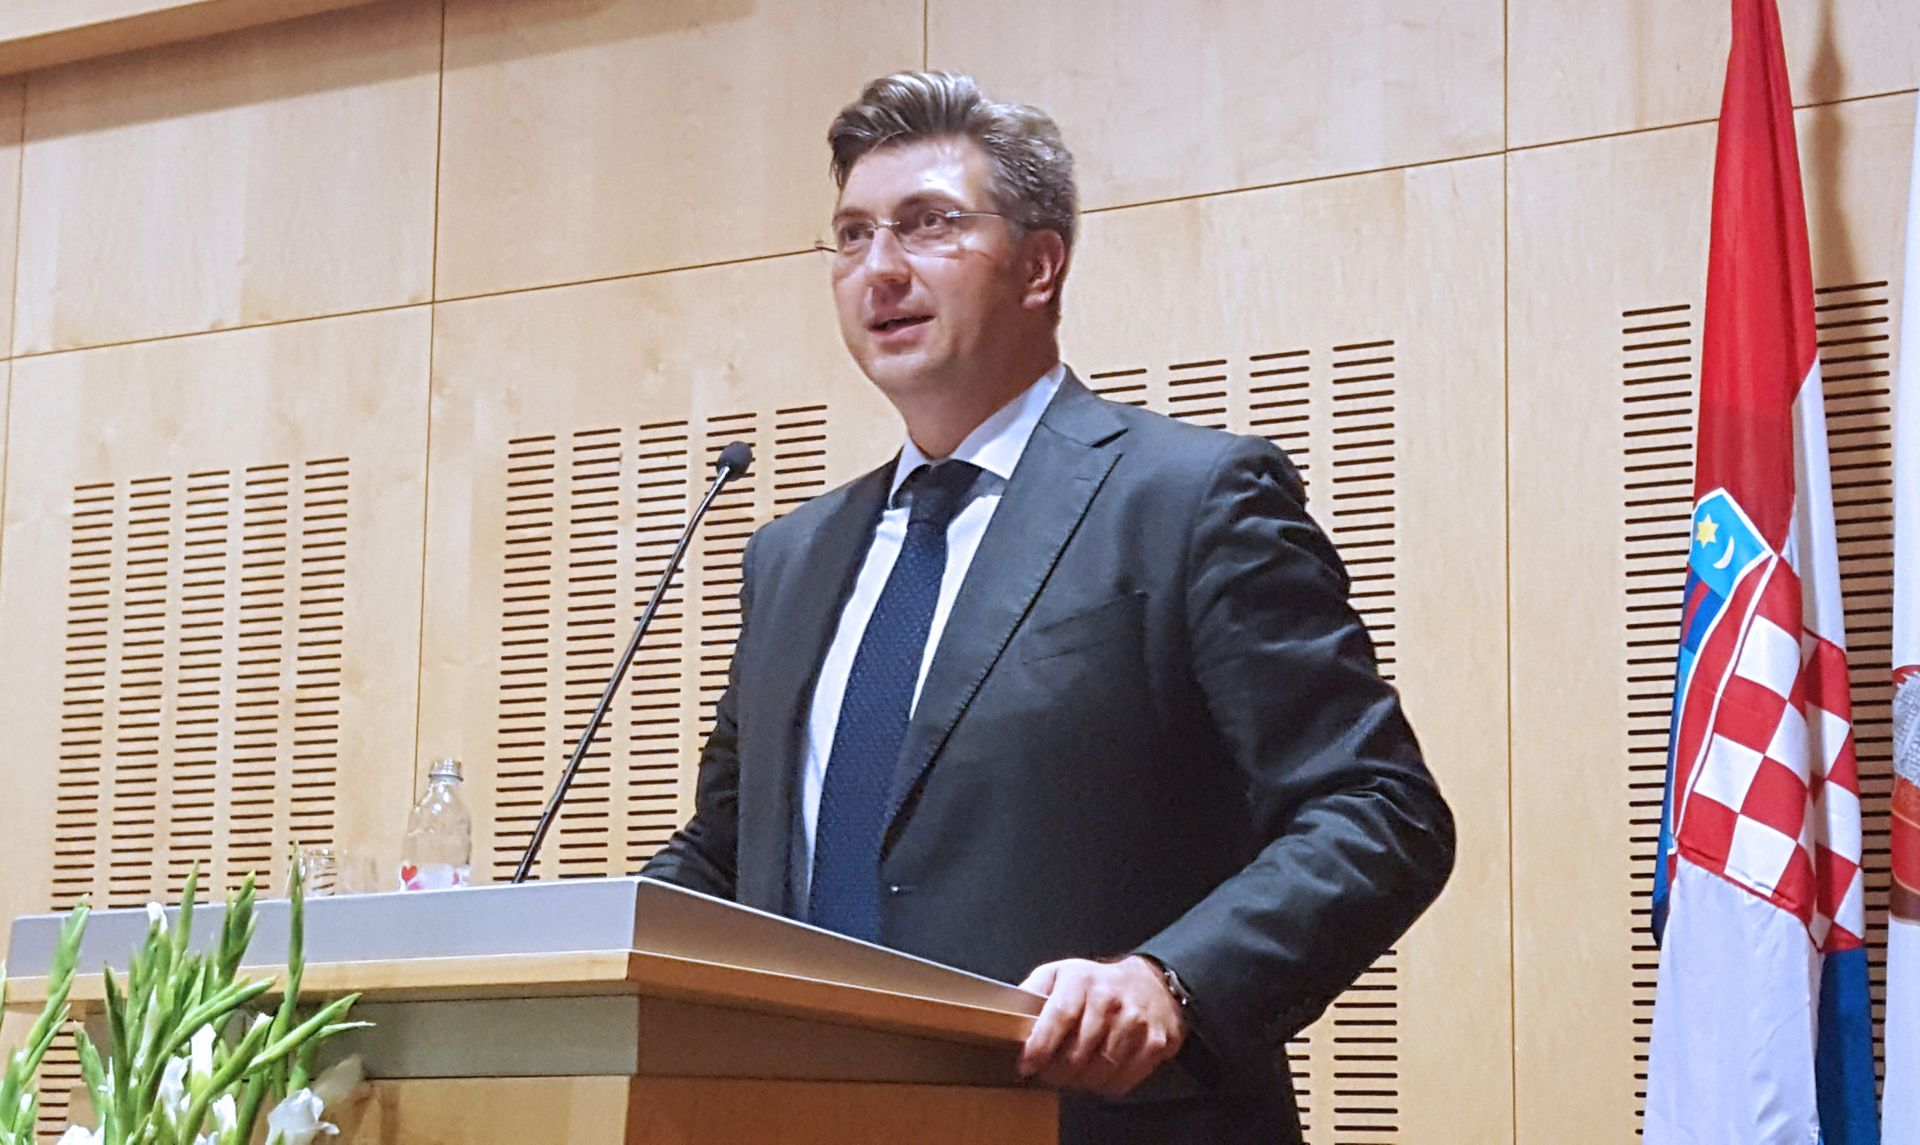 Plenković otvoren za suradnju sa svim dosadašnjim članovima Domoljubne koalicije